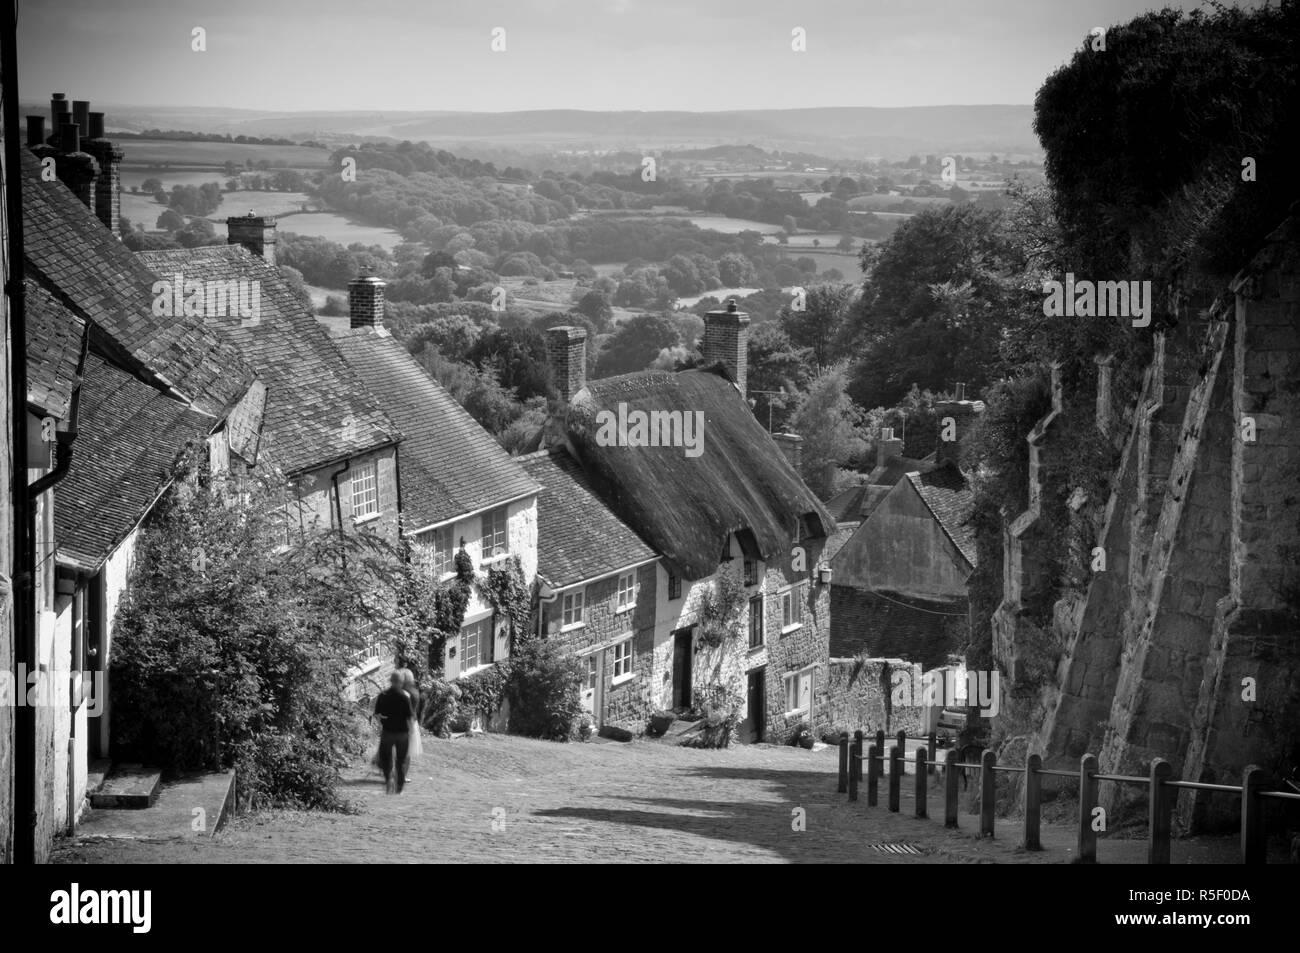 UK, England, Dorset, Shaftesbury, Gold Hill - Stock Image